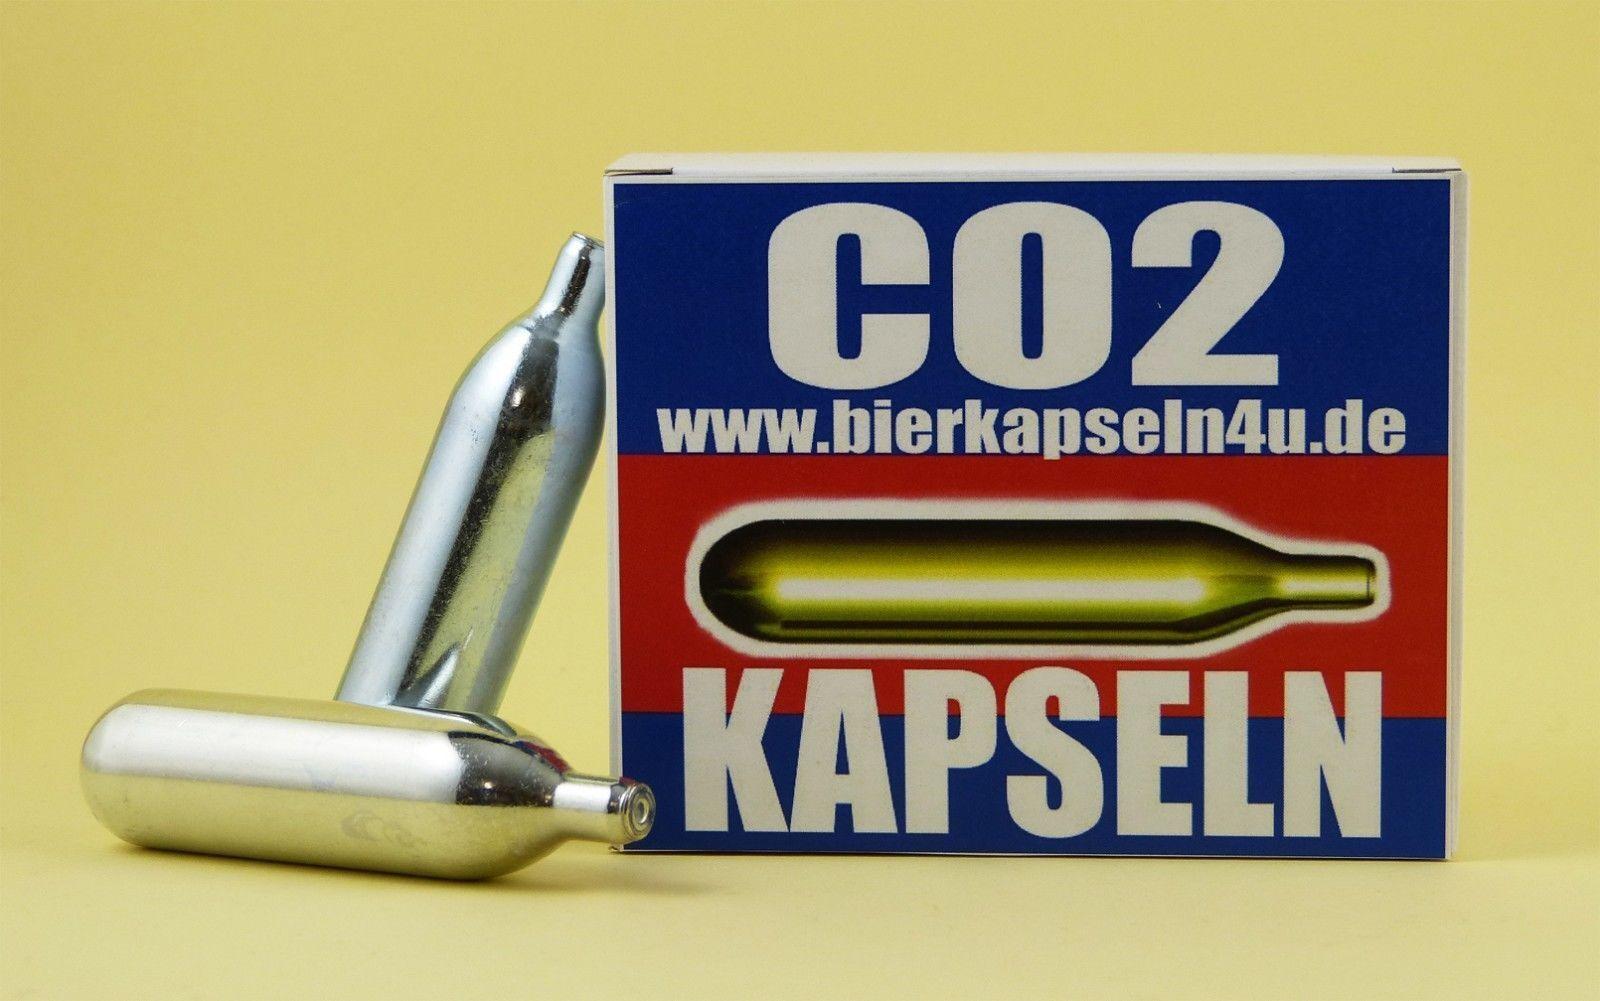 100 x 12g 12g 12g CO2 Kapseln z.B. Gotcha Paintball Softair  | Am wirtschaftlichsten  | Hervorragende Eigenschaften  f27c6e